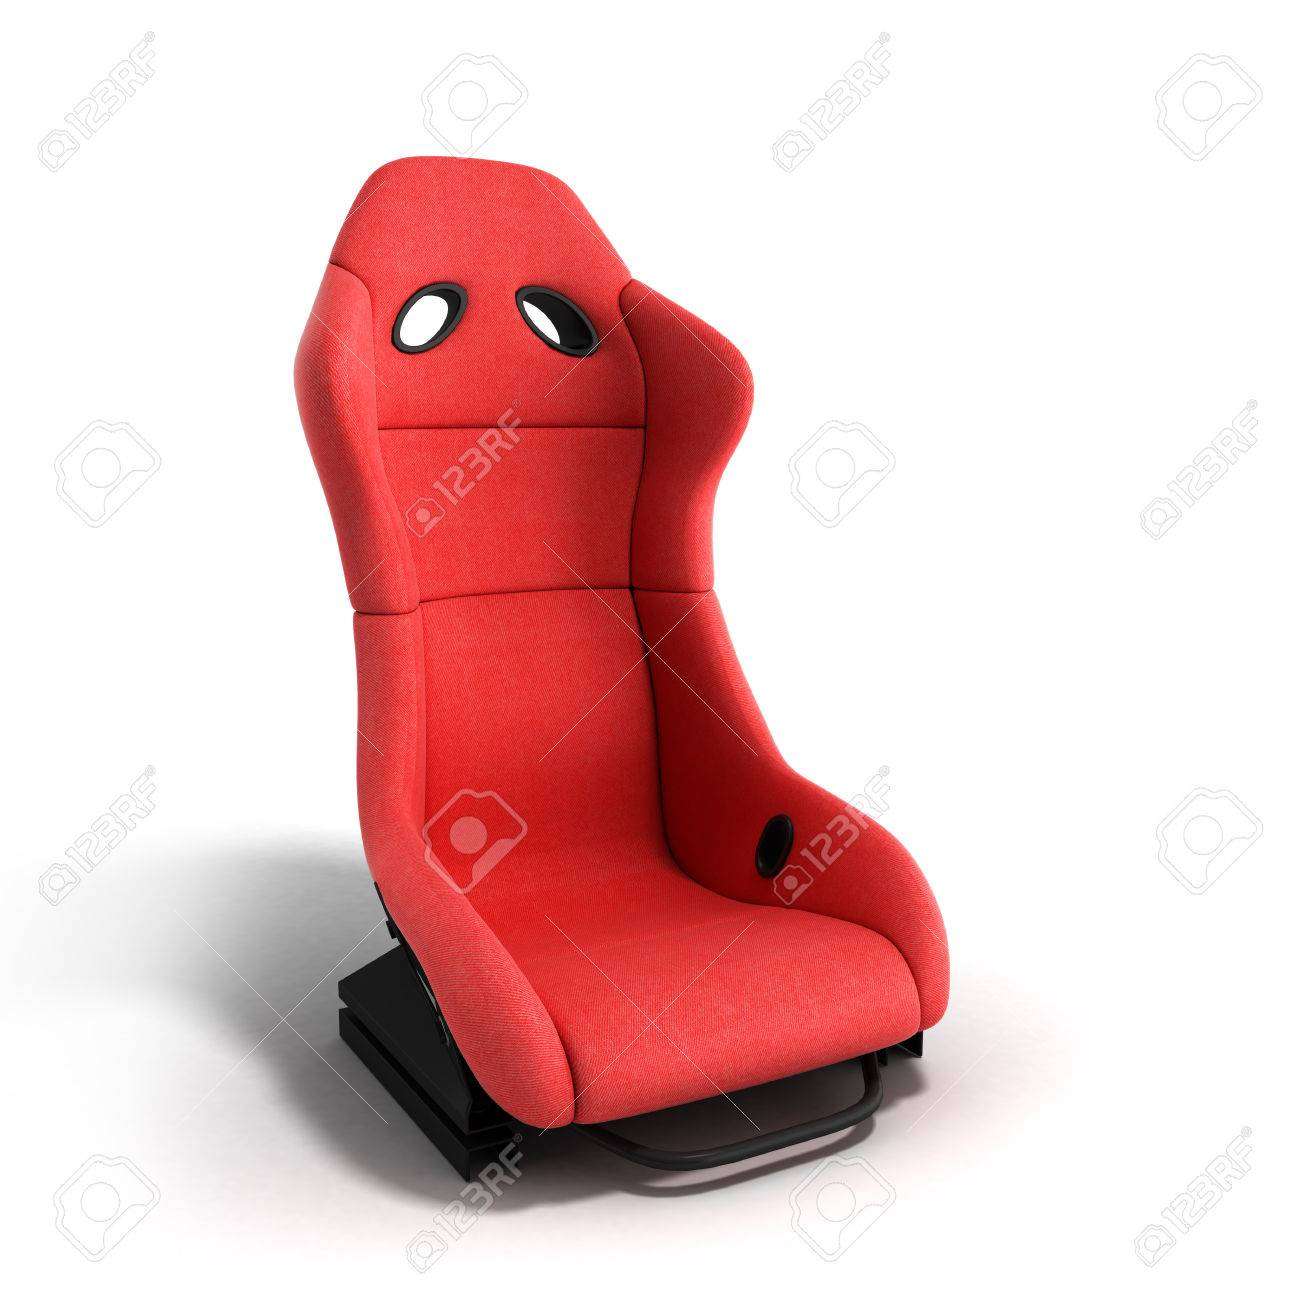 La Poltrona Rossa.La Poltrona Rossa Sportiva Dell Automobile 3d Rende Su Una Priorita Bassa Bianca